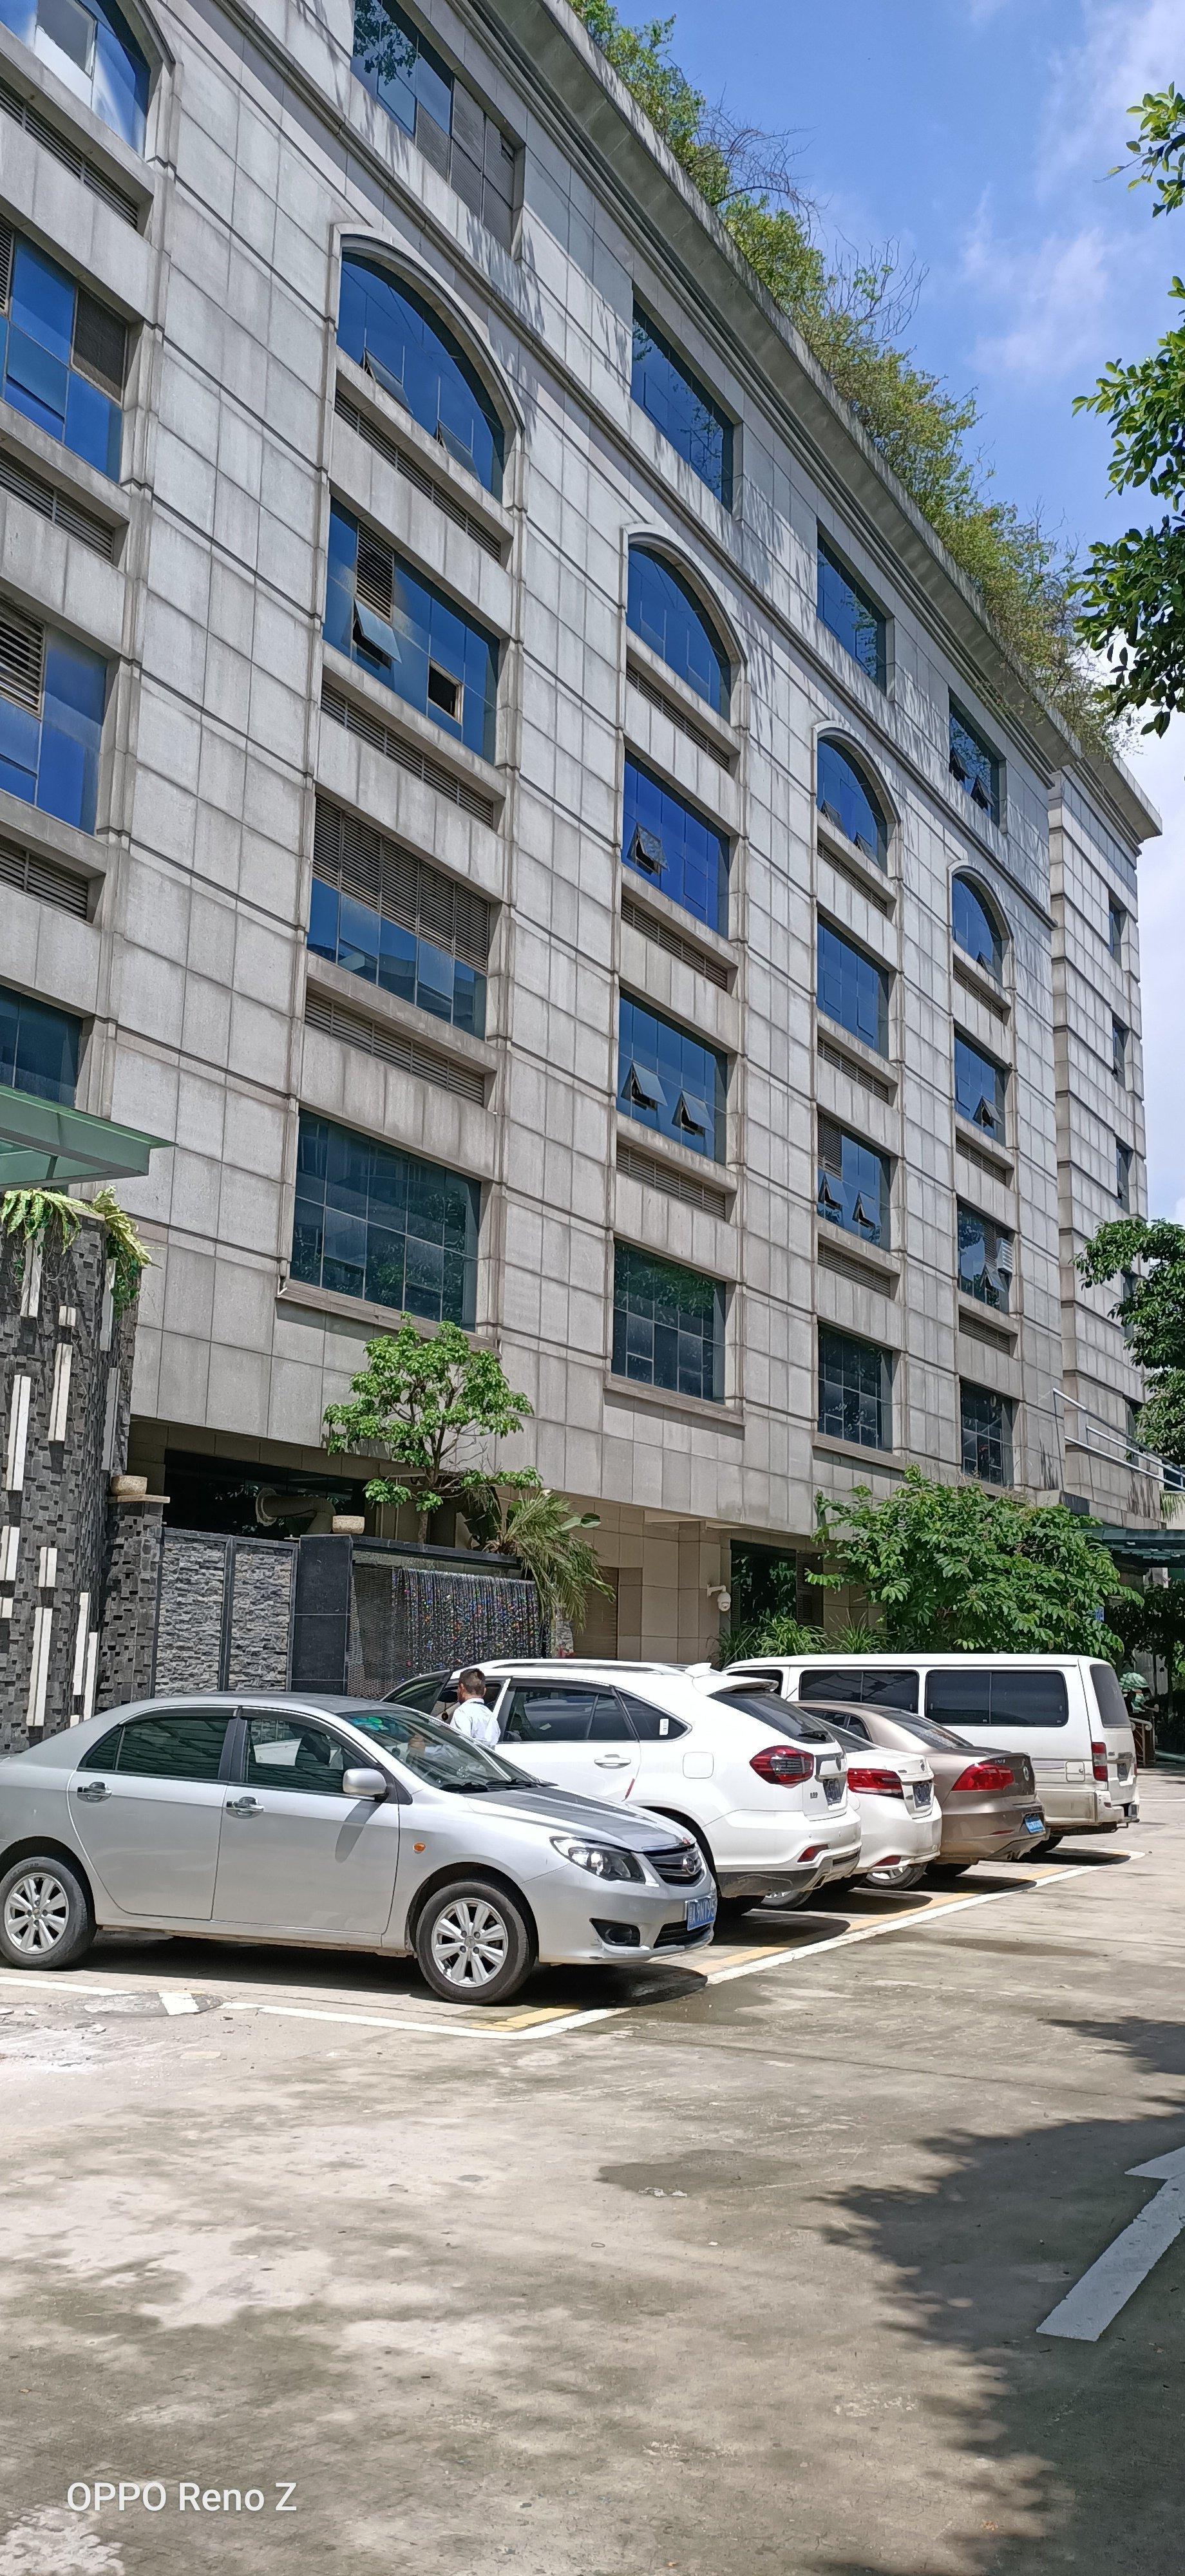 广州市番禺区钟村,2-4-5-6楼总共约3500方左右租20